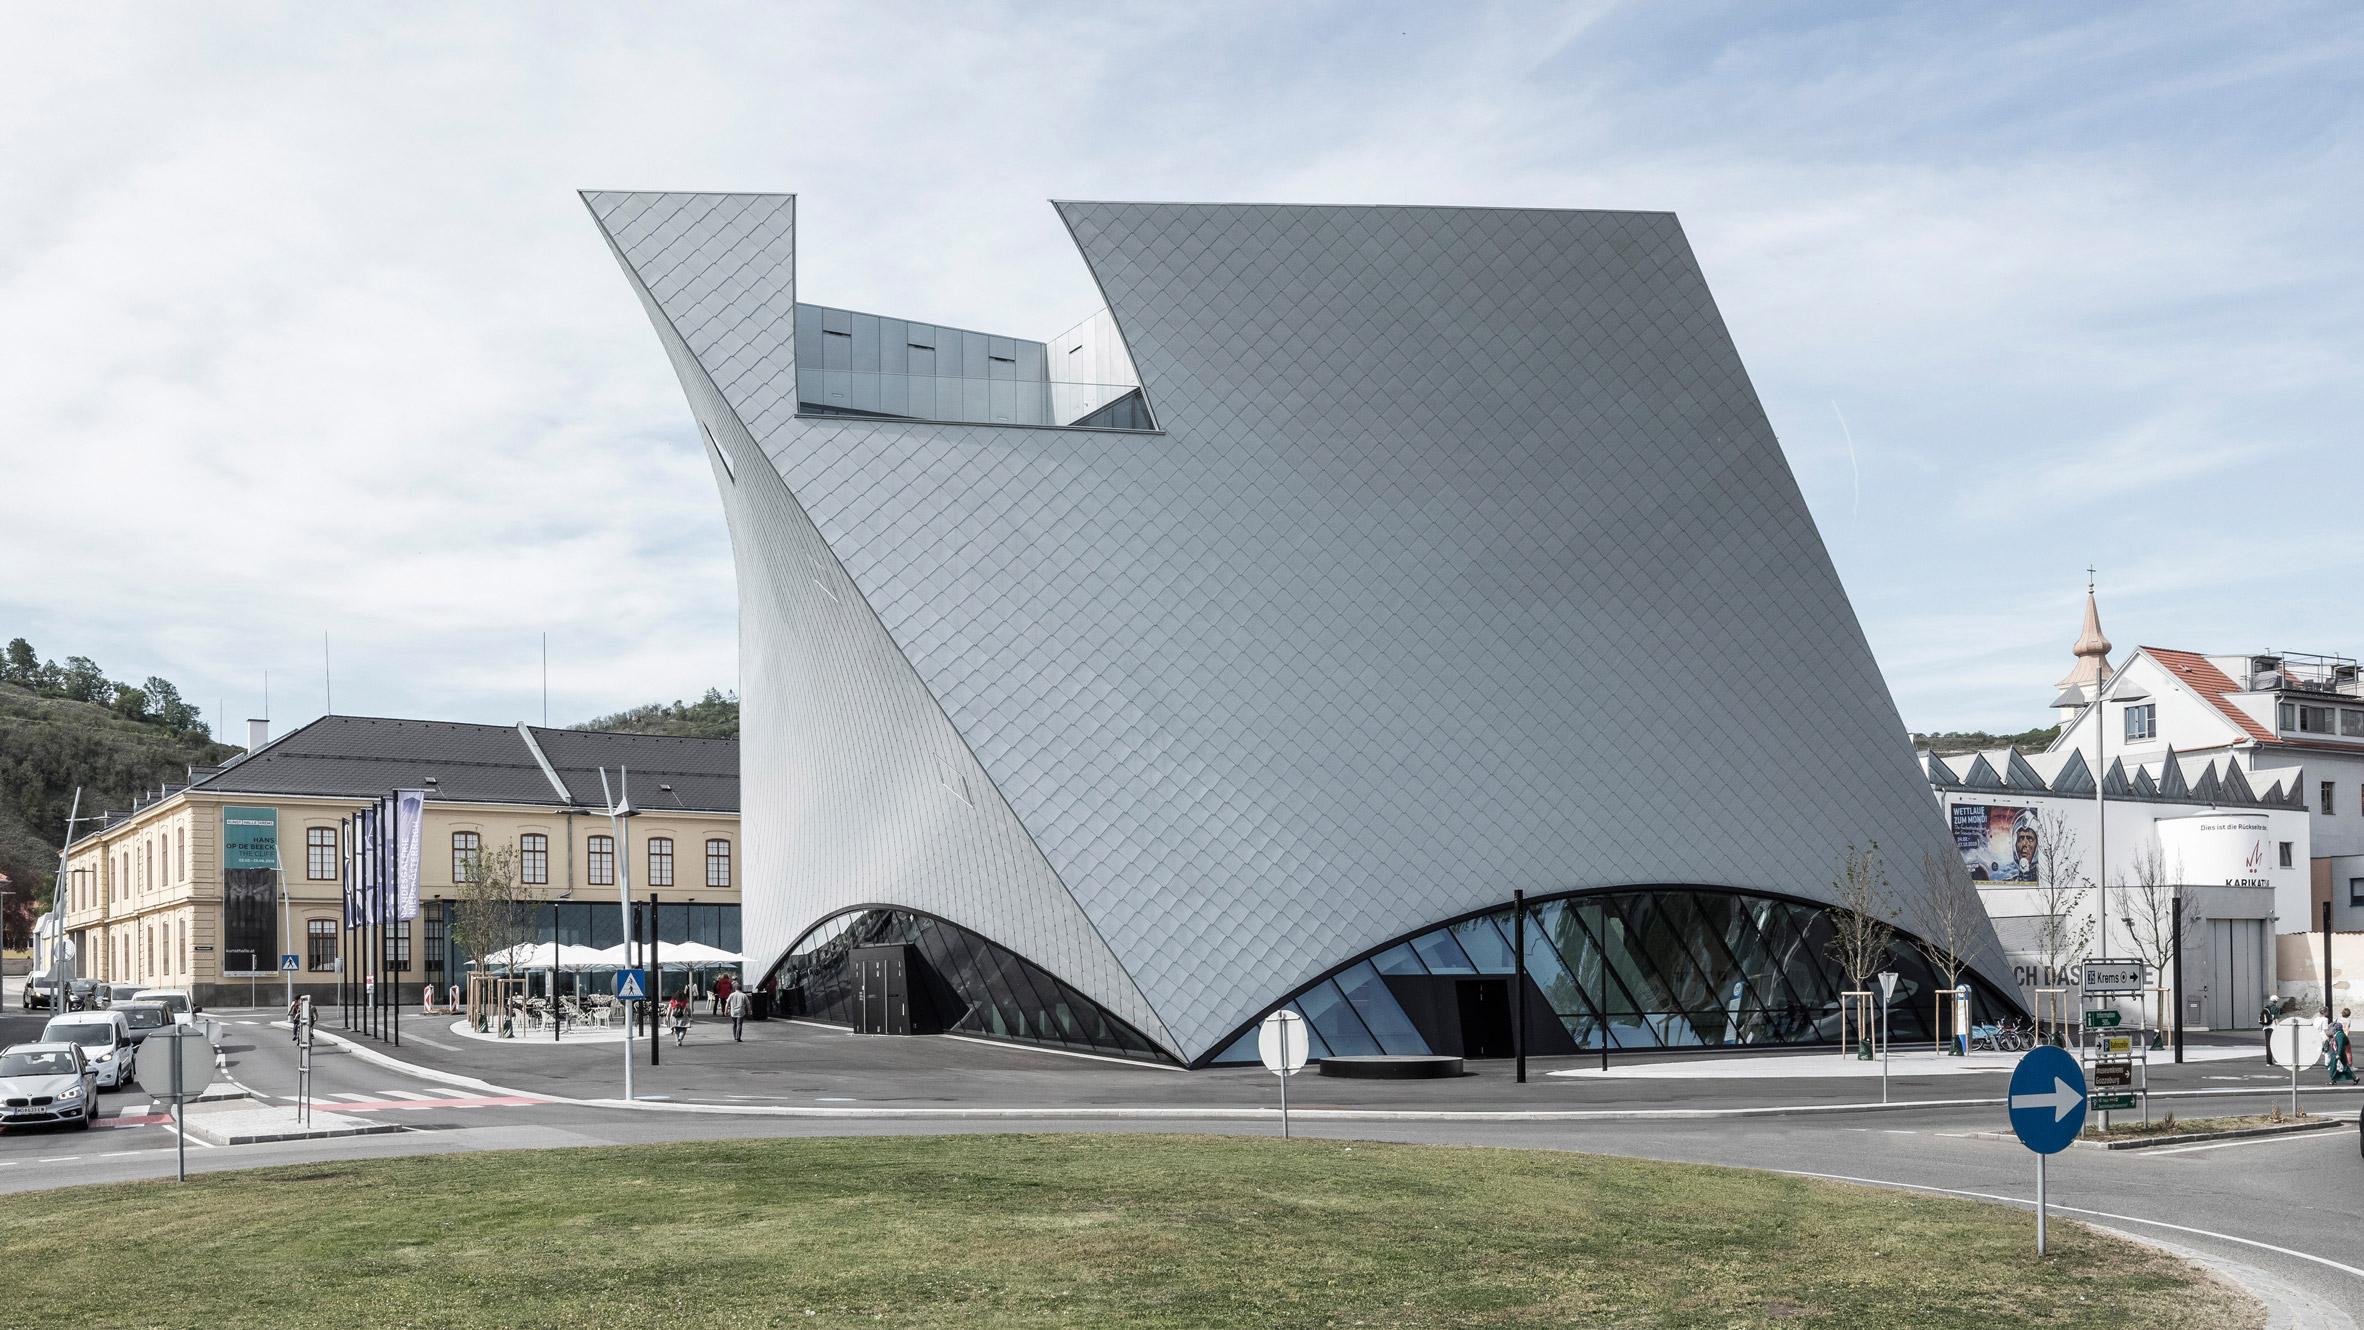 Marte Marte Architekten Completes State Gallery Of Lower Austria